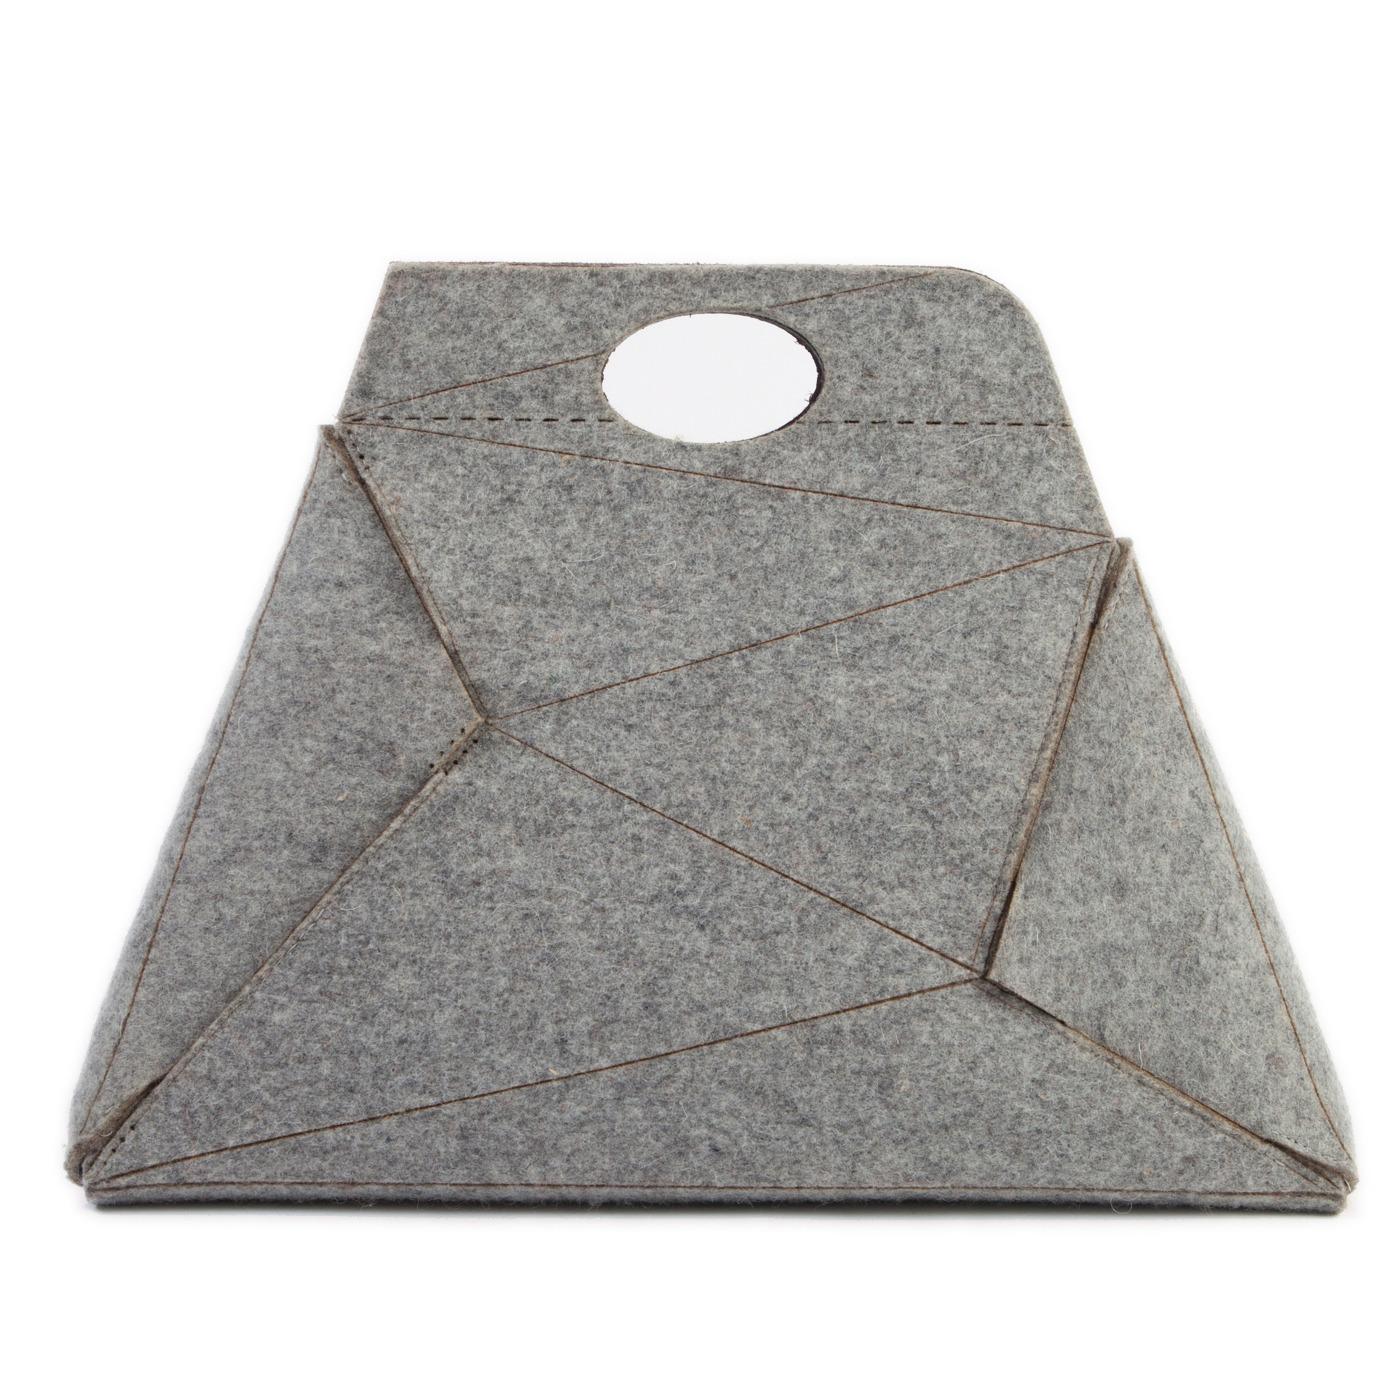 Artisan, Eco-Friendly, Designer Pythagorean Purse